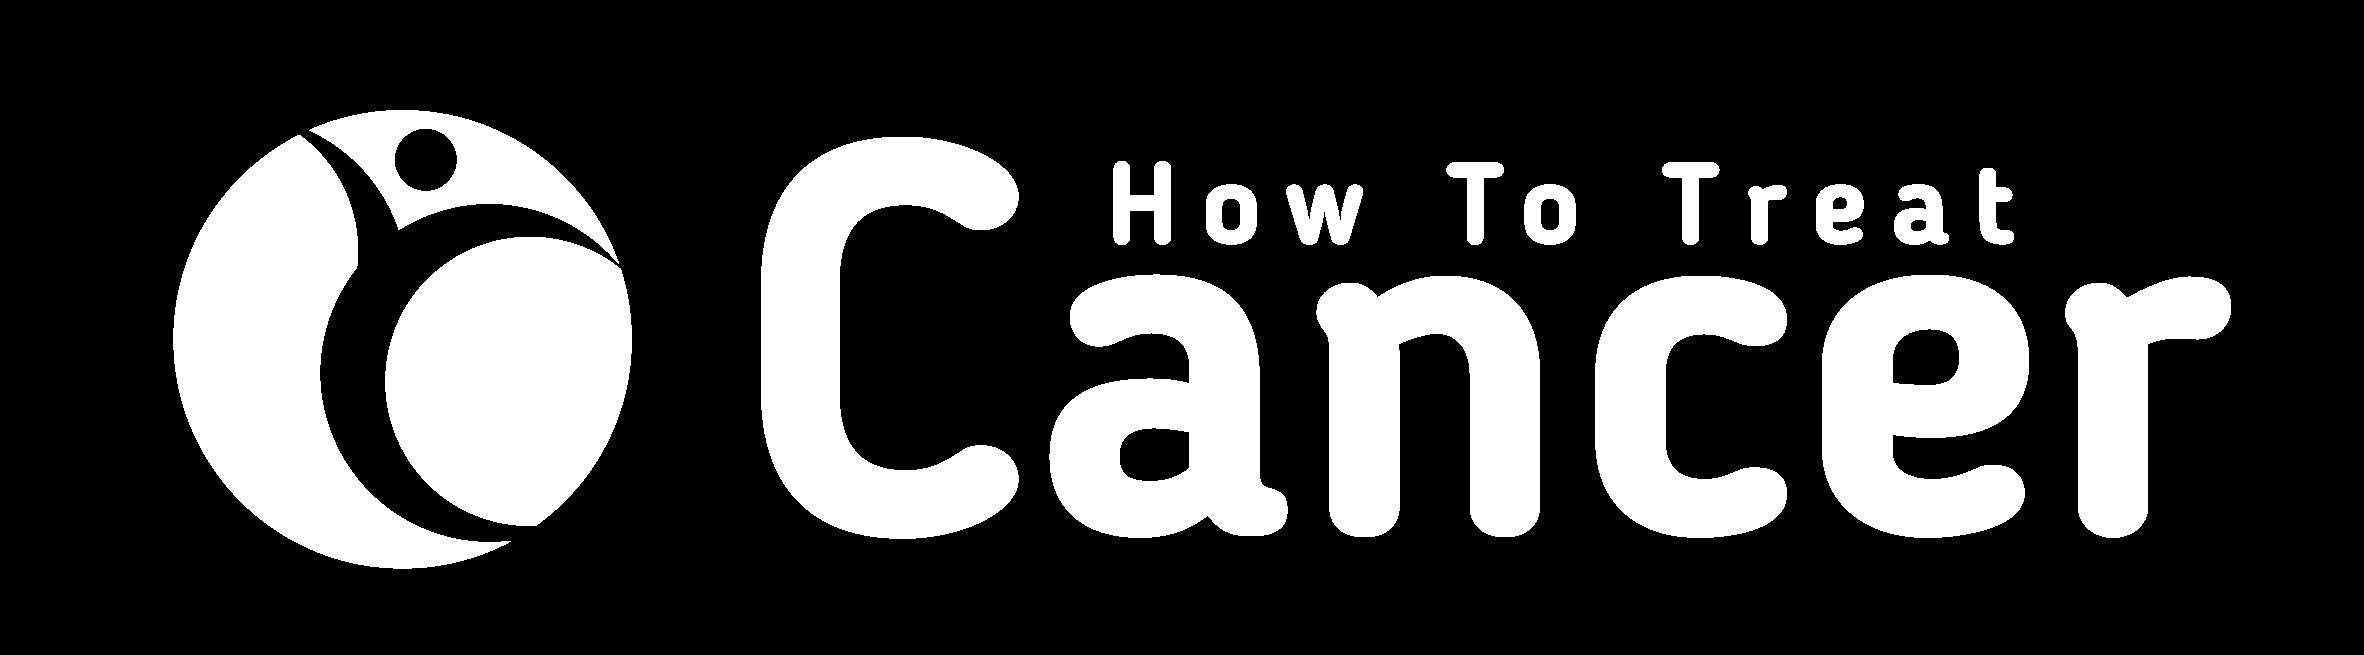 howtotreatcancer.com